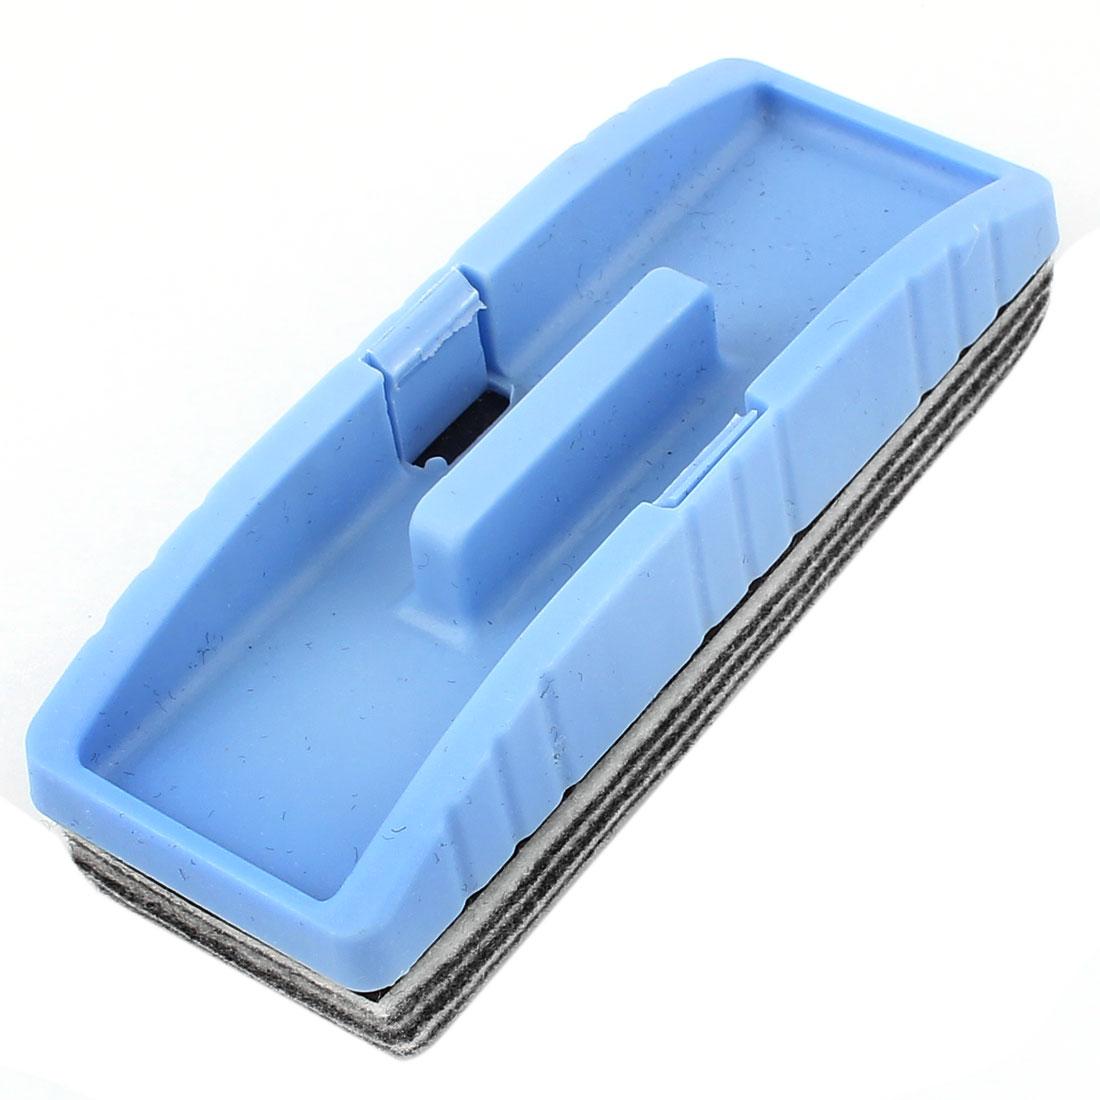 Blue Gray Rectangle Magnetic Drywipe Erase Whiteboard Eraser Marker Cleaner for Teacher